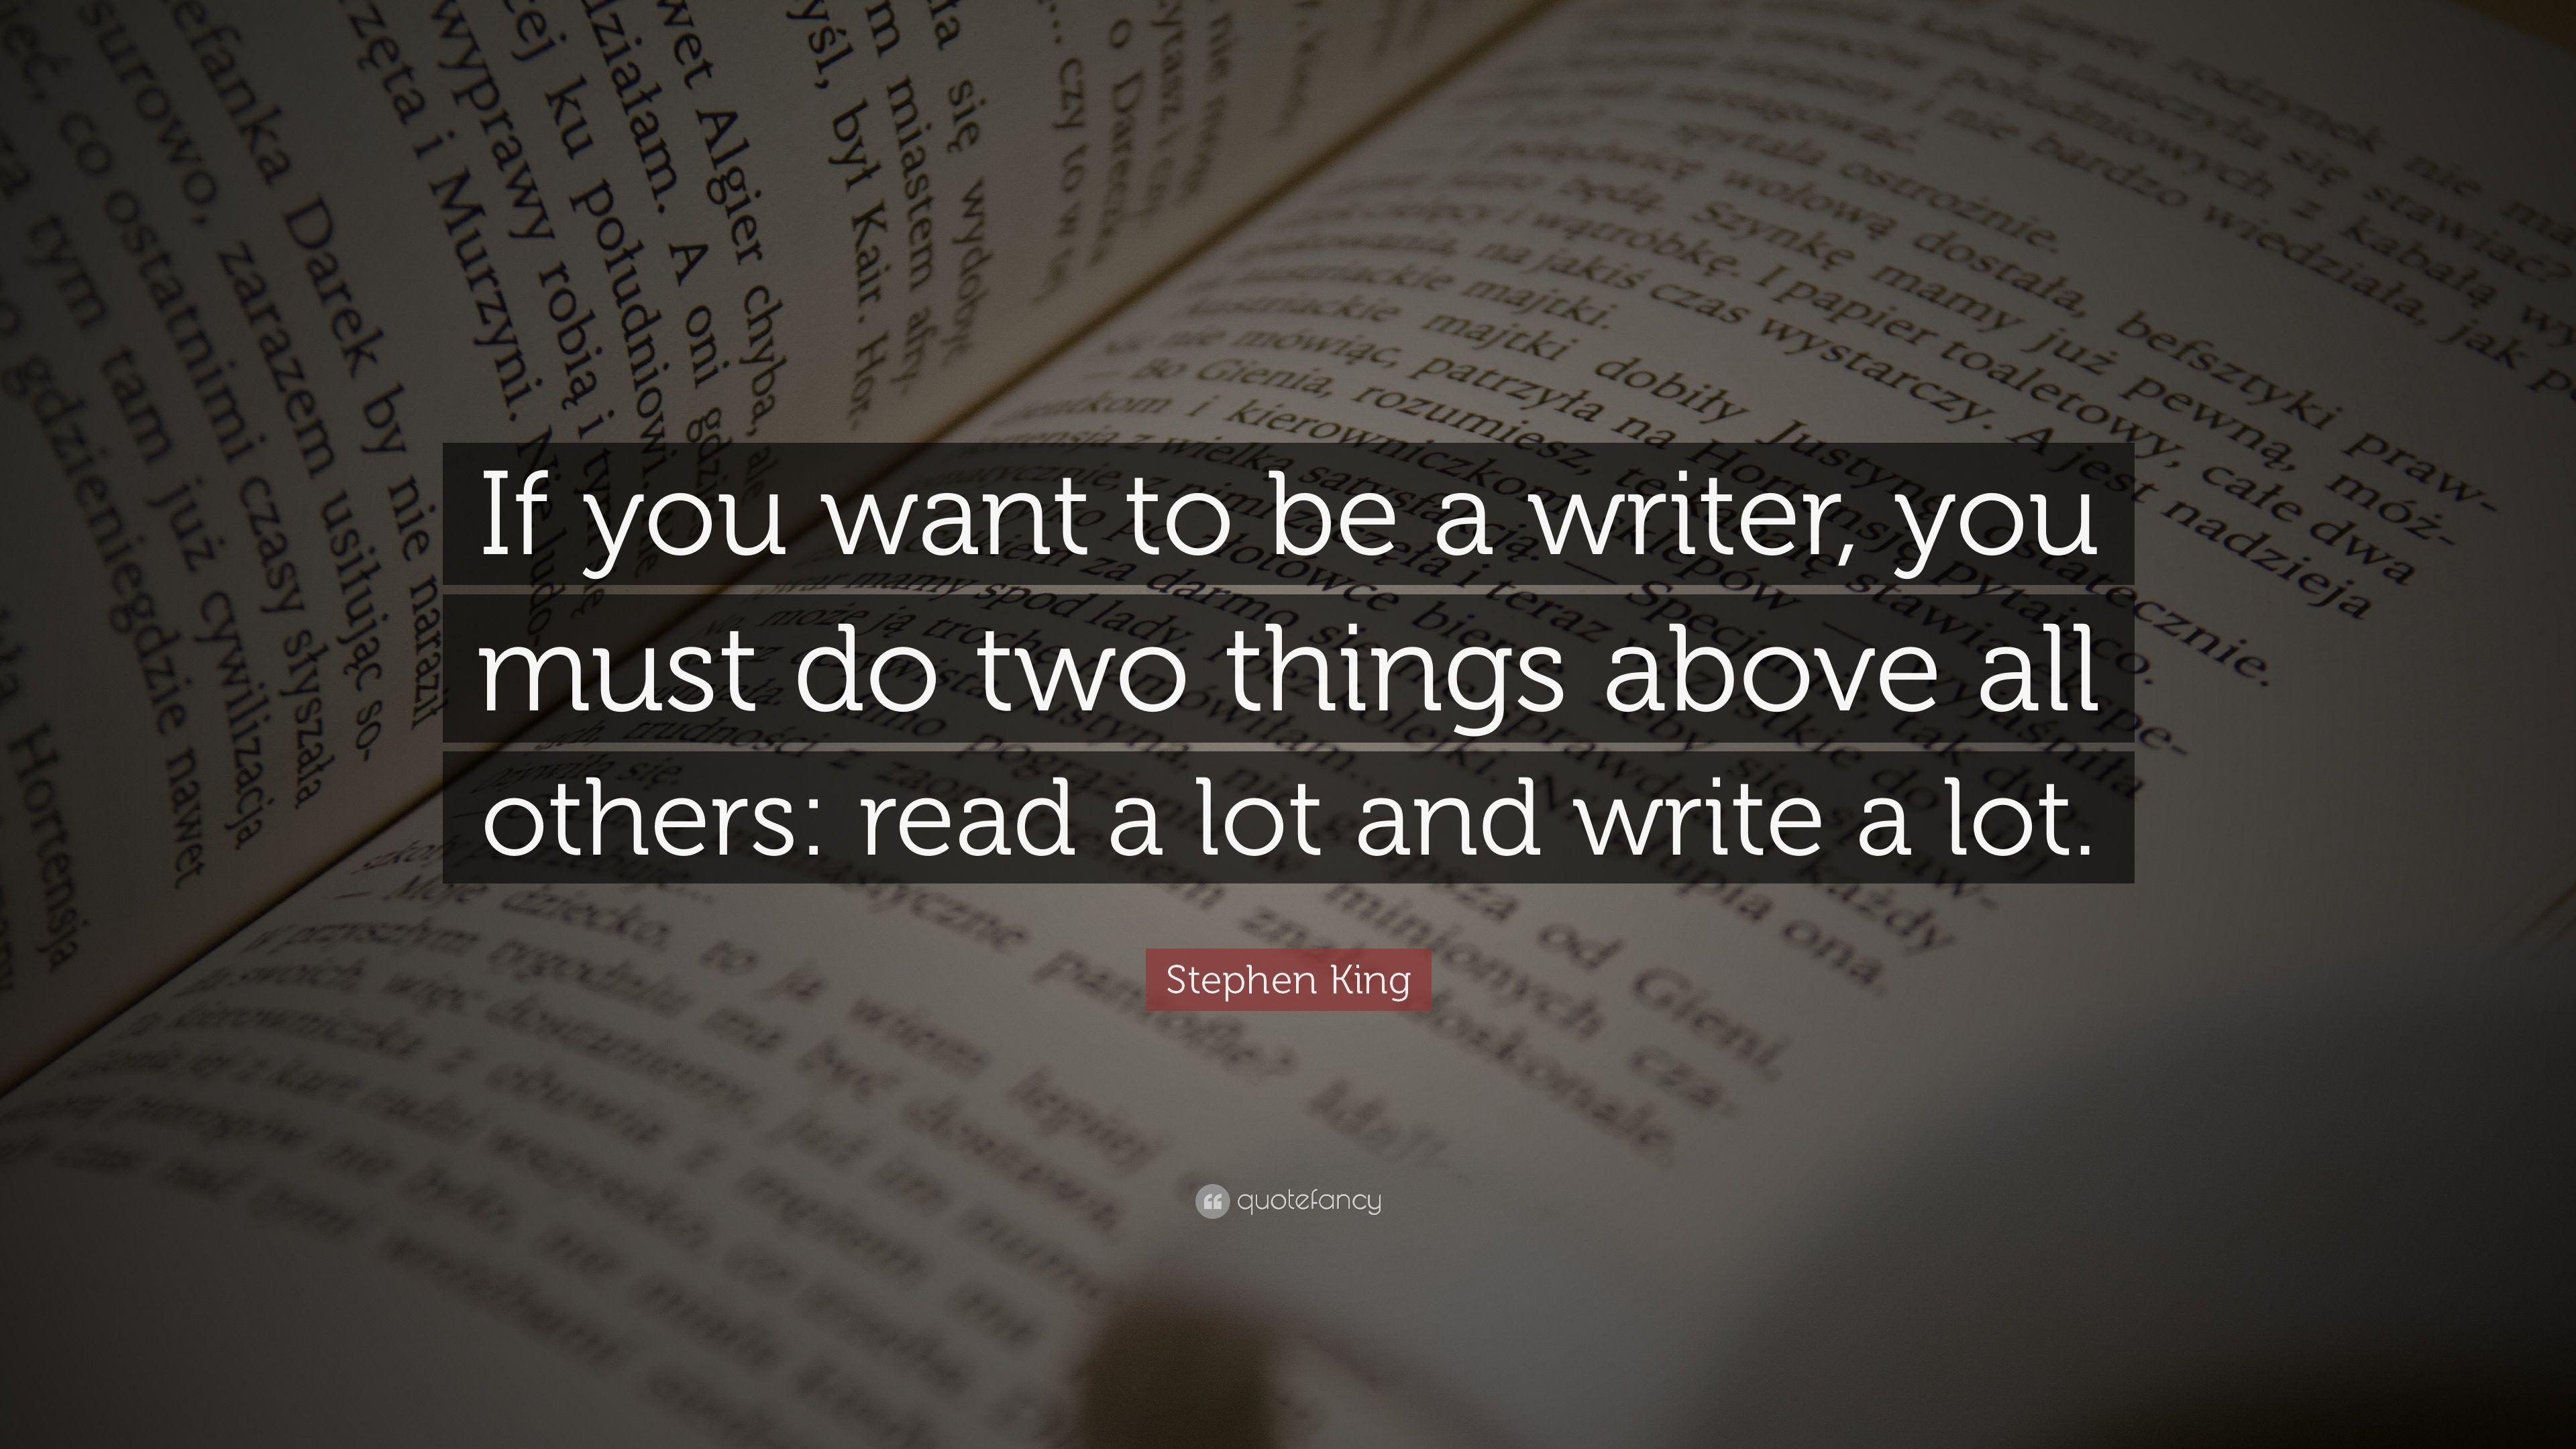 نویسندگی و بازخوردها